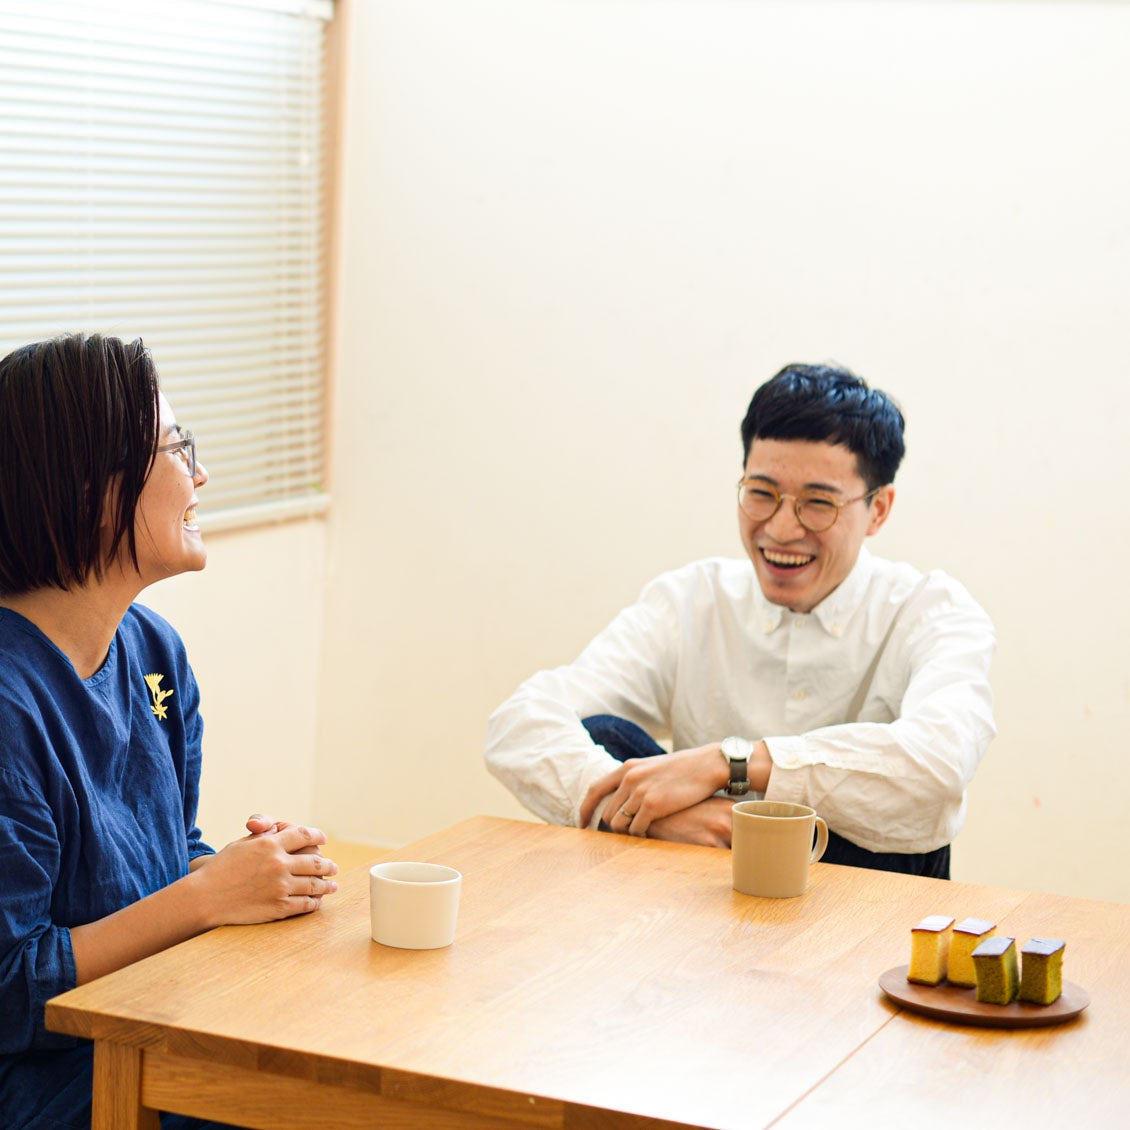 【お茶の間会議】夫婦で意見が食い違ったとき、どうしていますか?